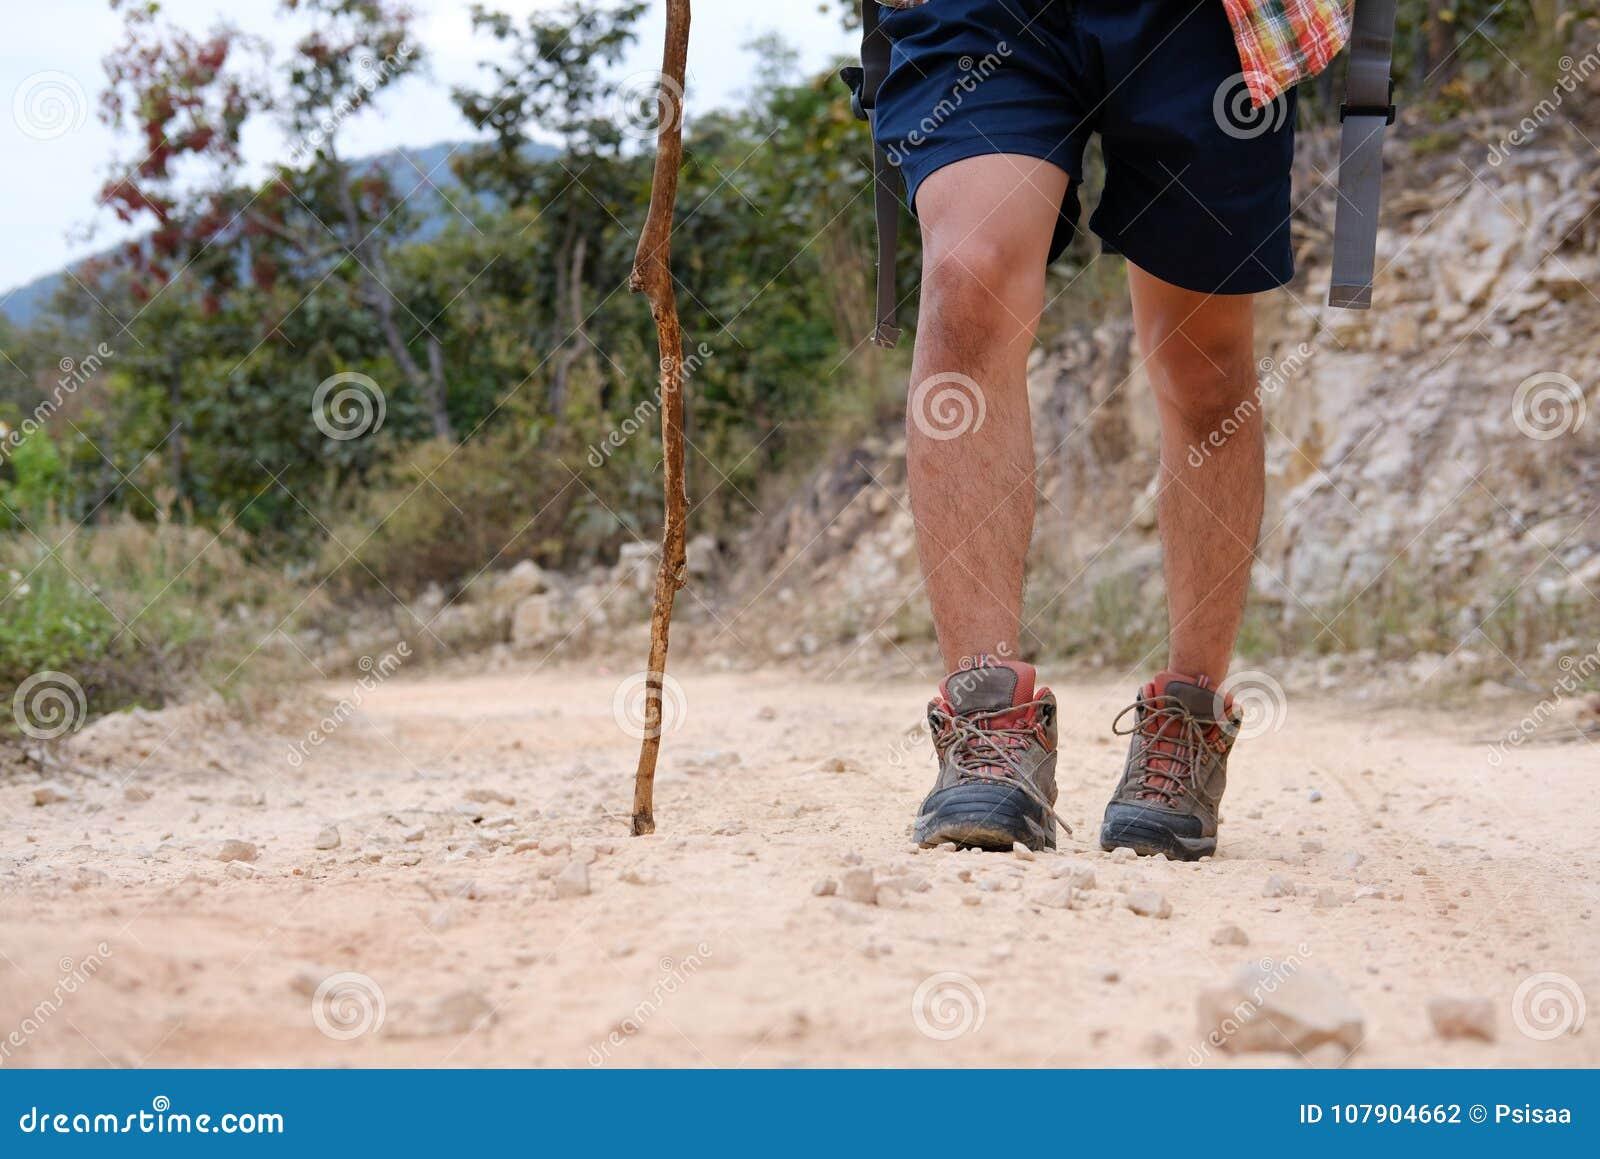 Camina Mochila Viajero Hombre Del Caminante En La Con Que wEg0qgX